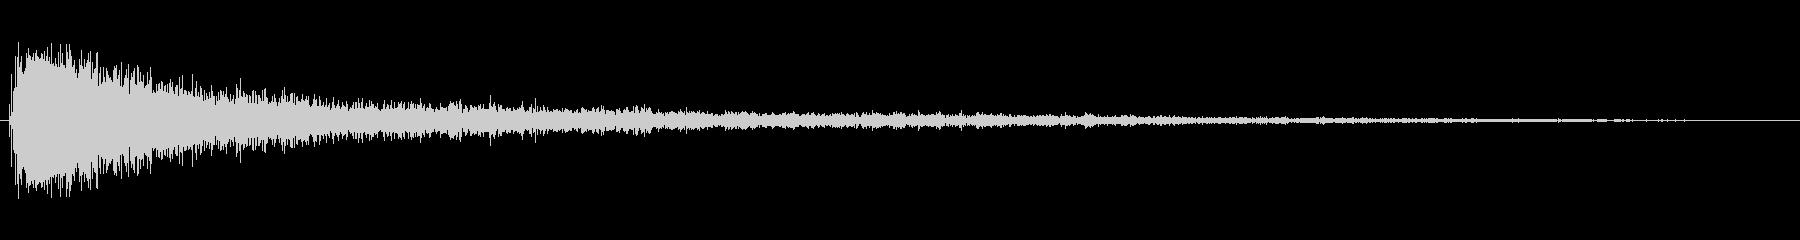 ホラー ピアノトゥワンマルチファス...の未再生の波形